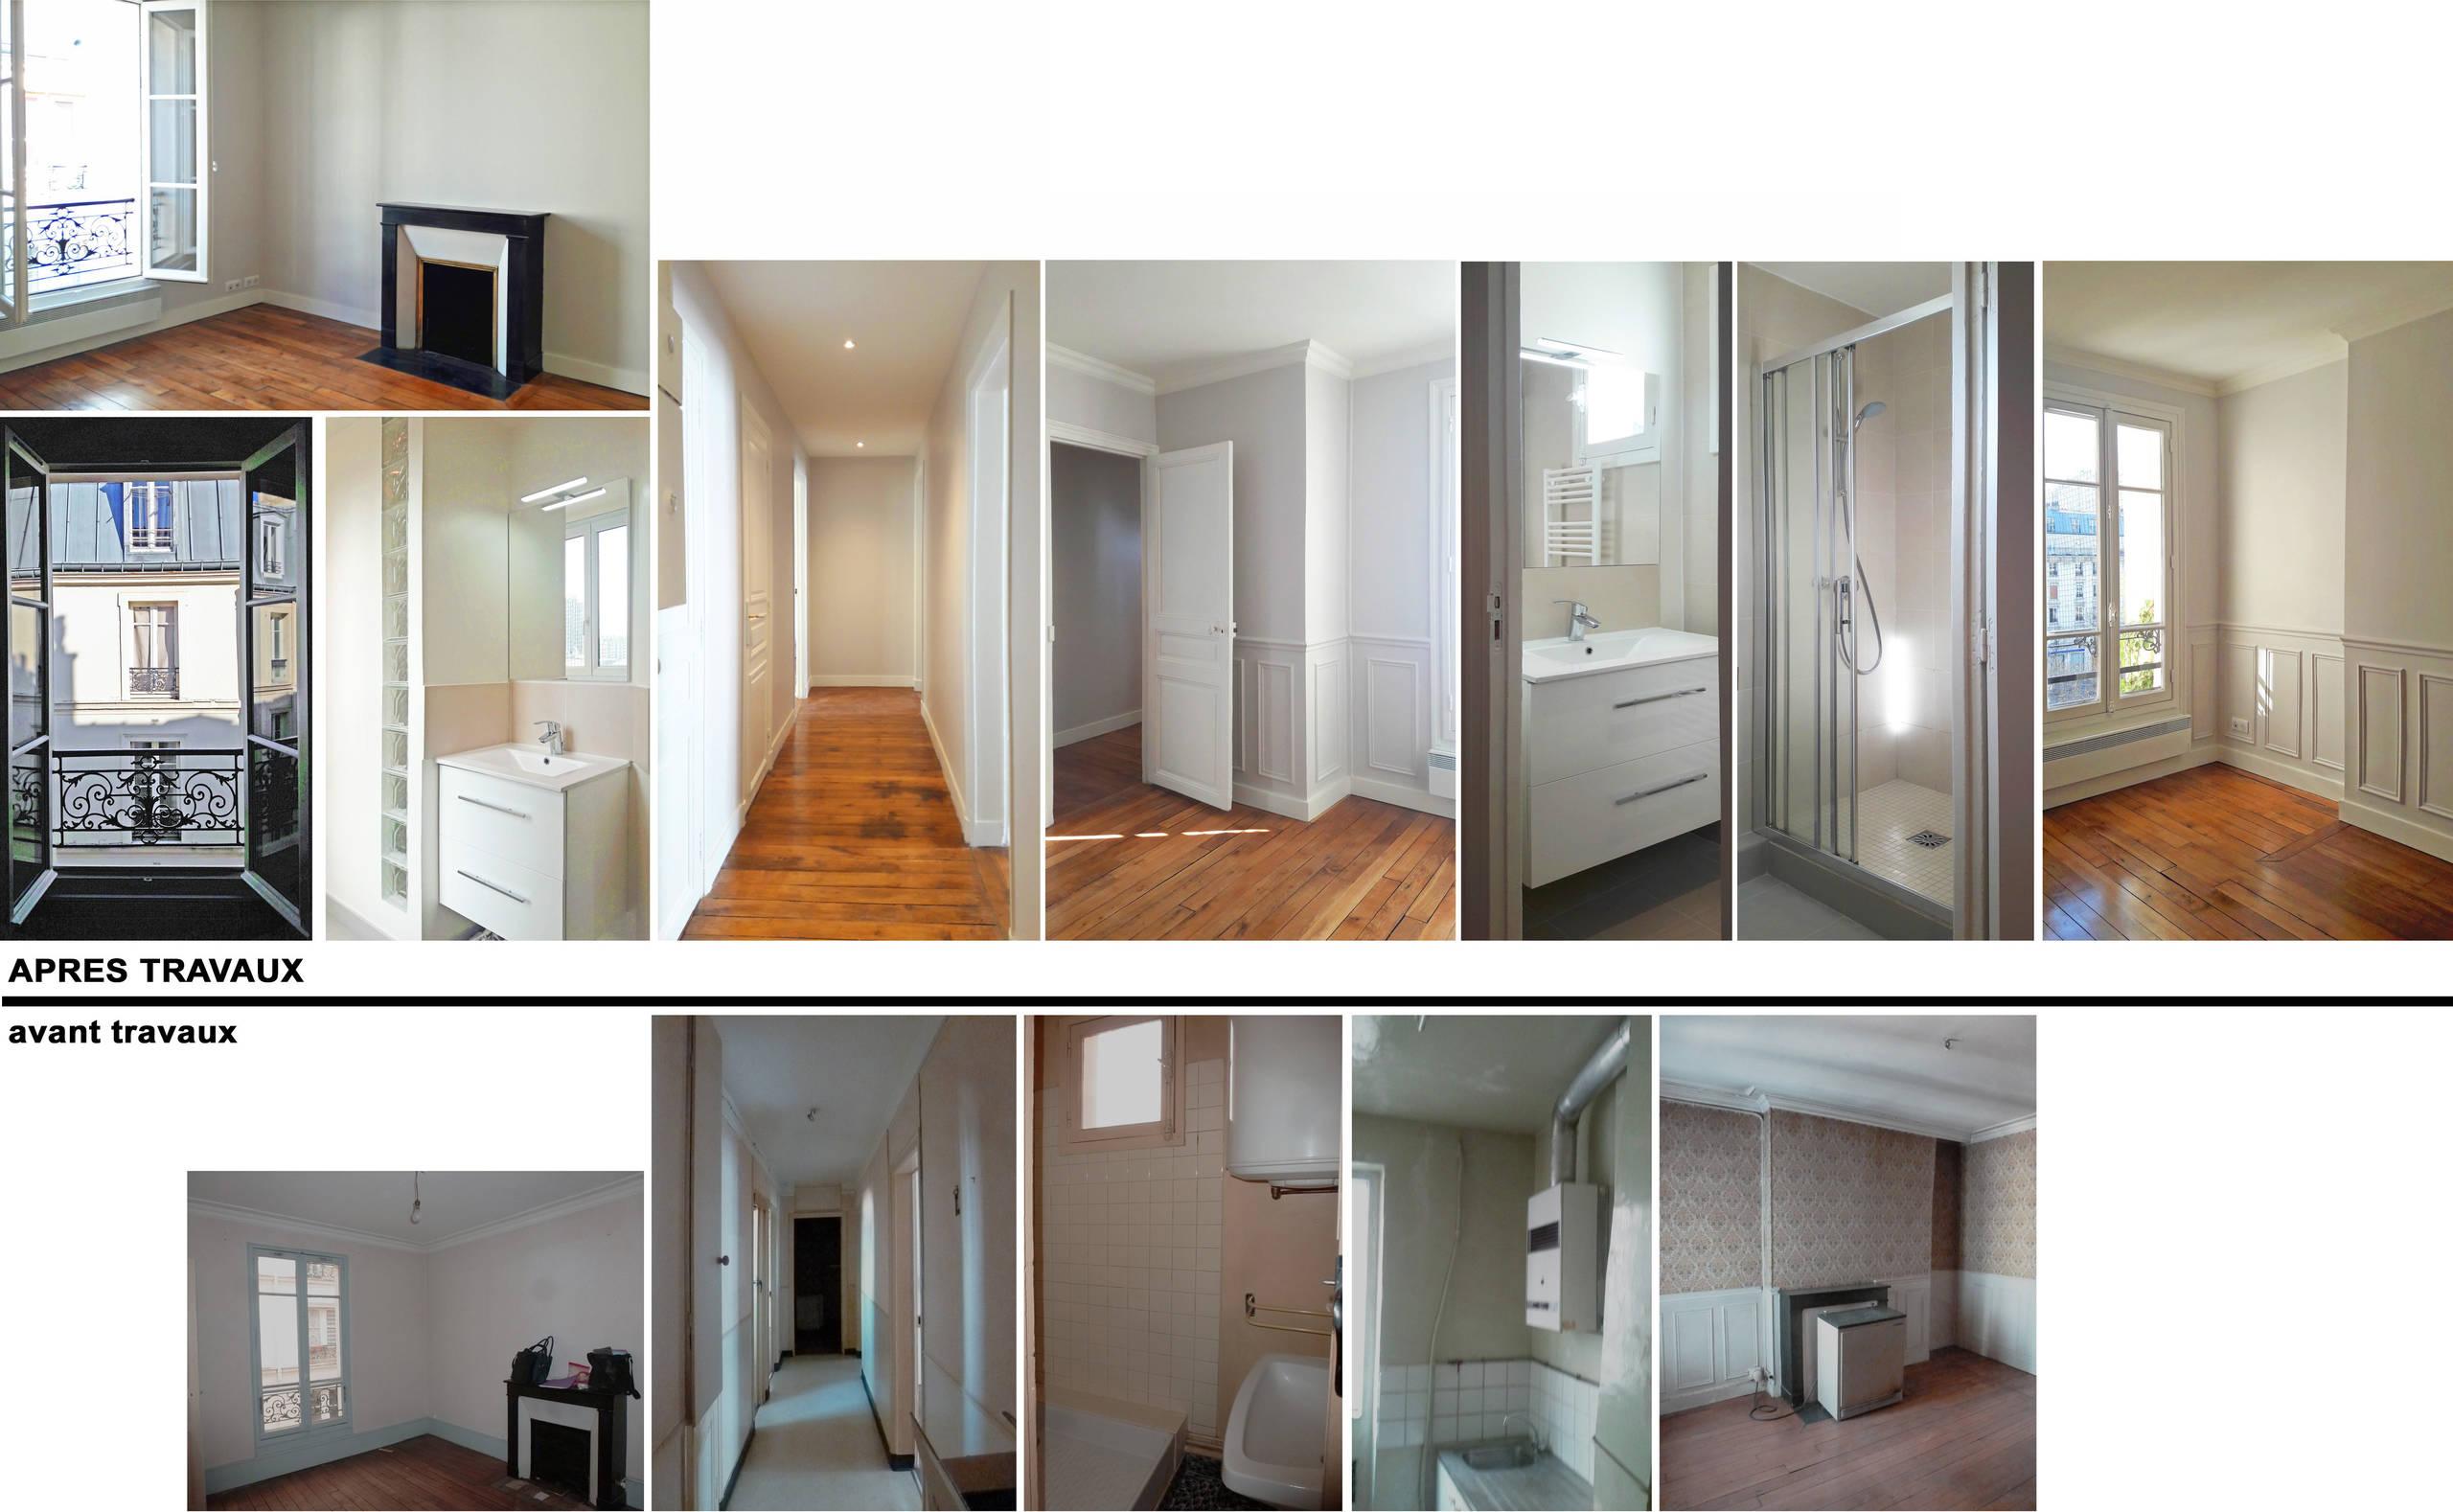 Rénovation d'appartements haussmaniens